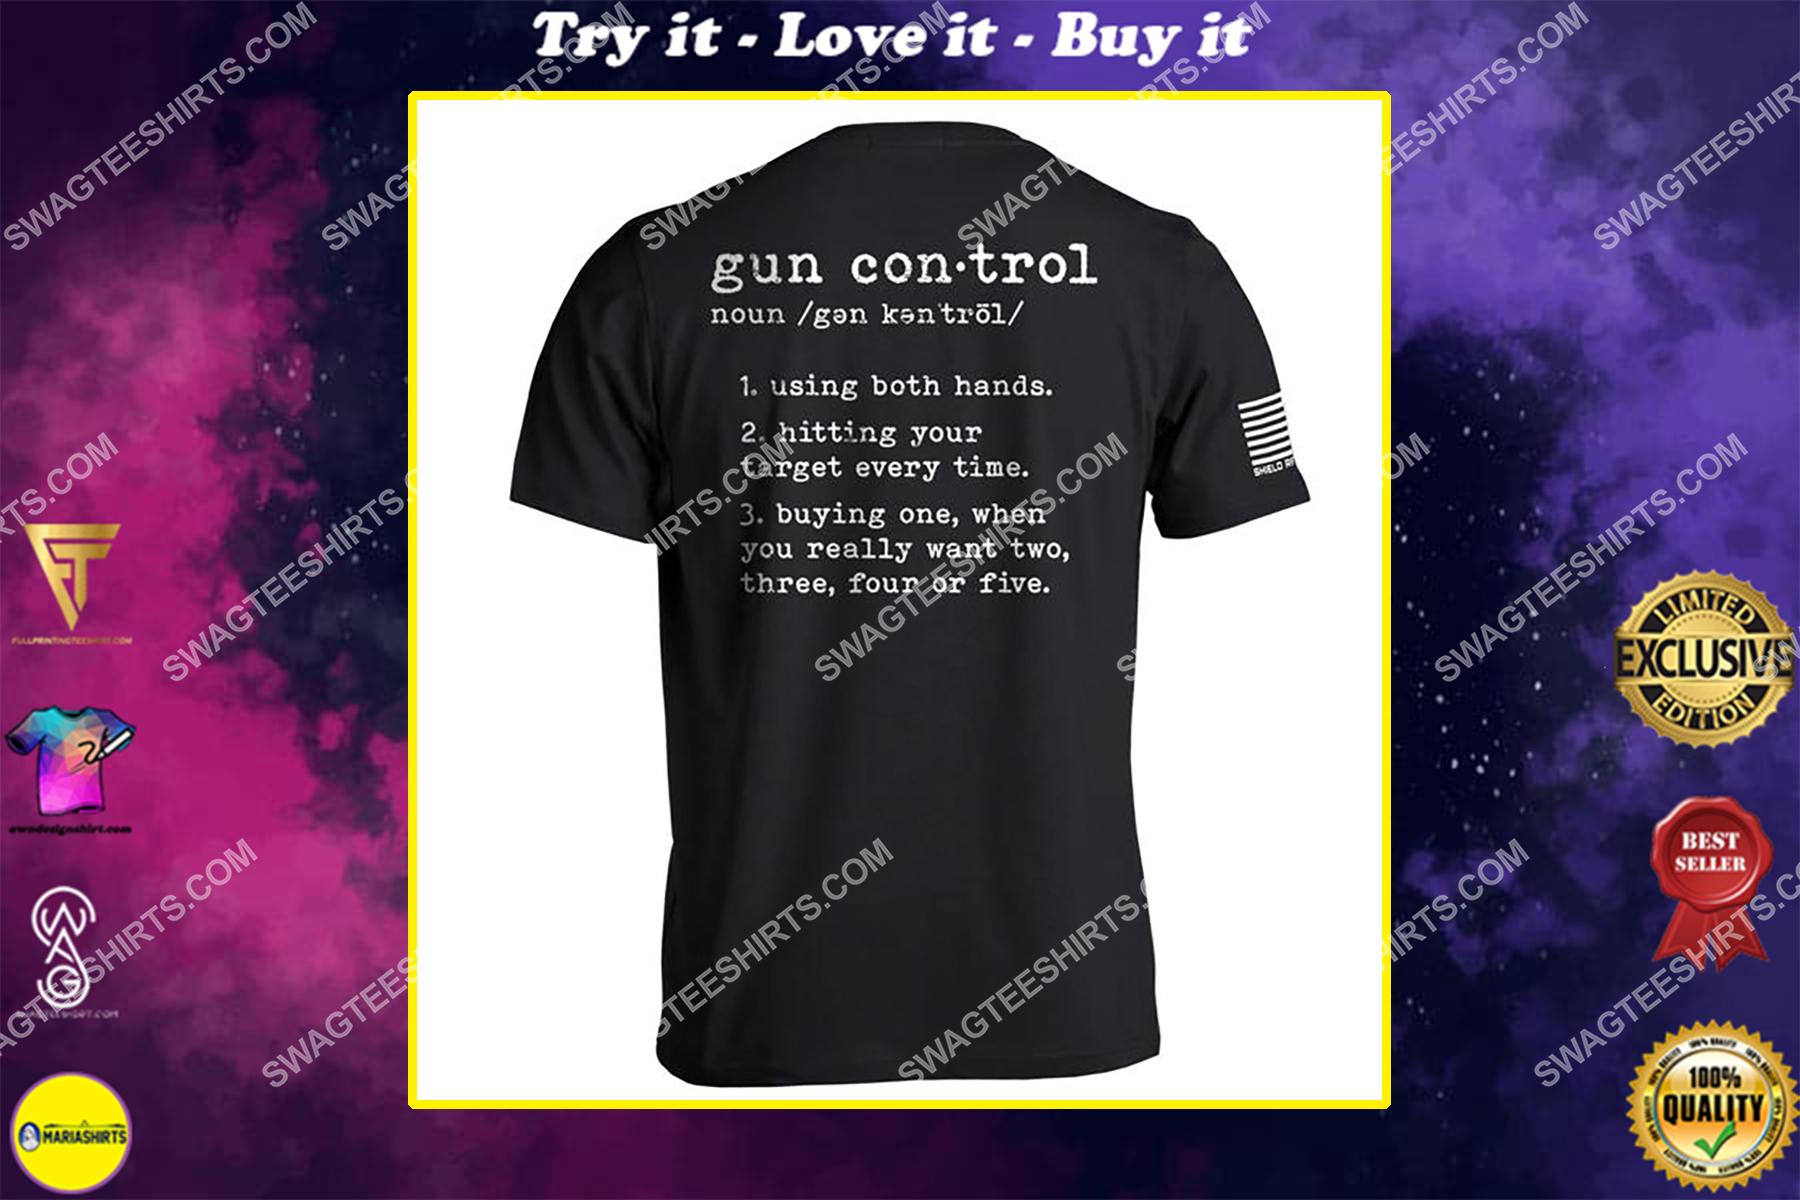 gun control definition political shirt